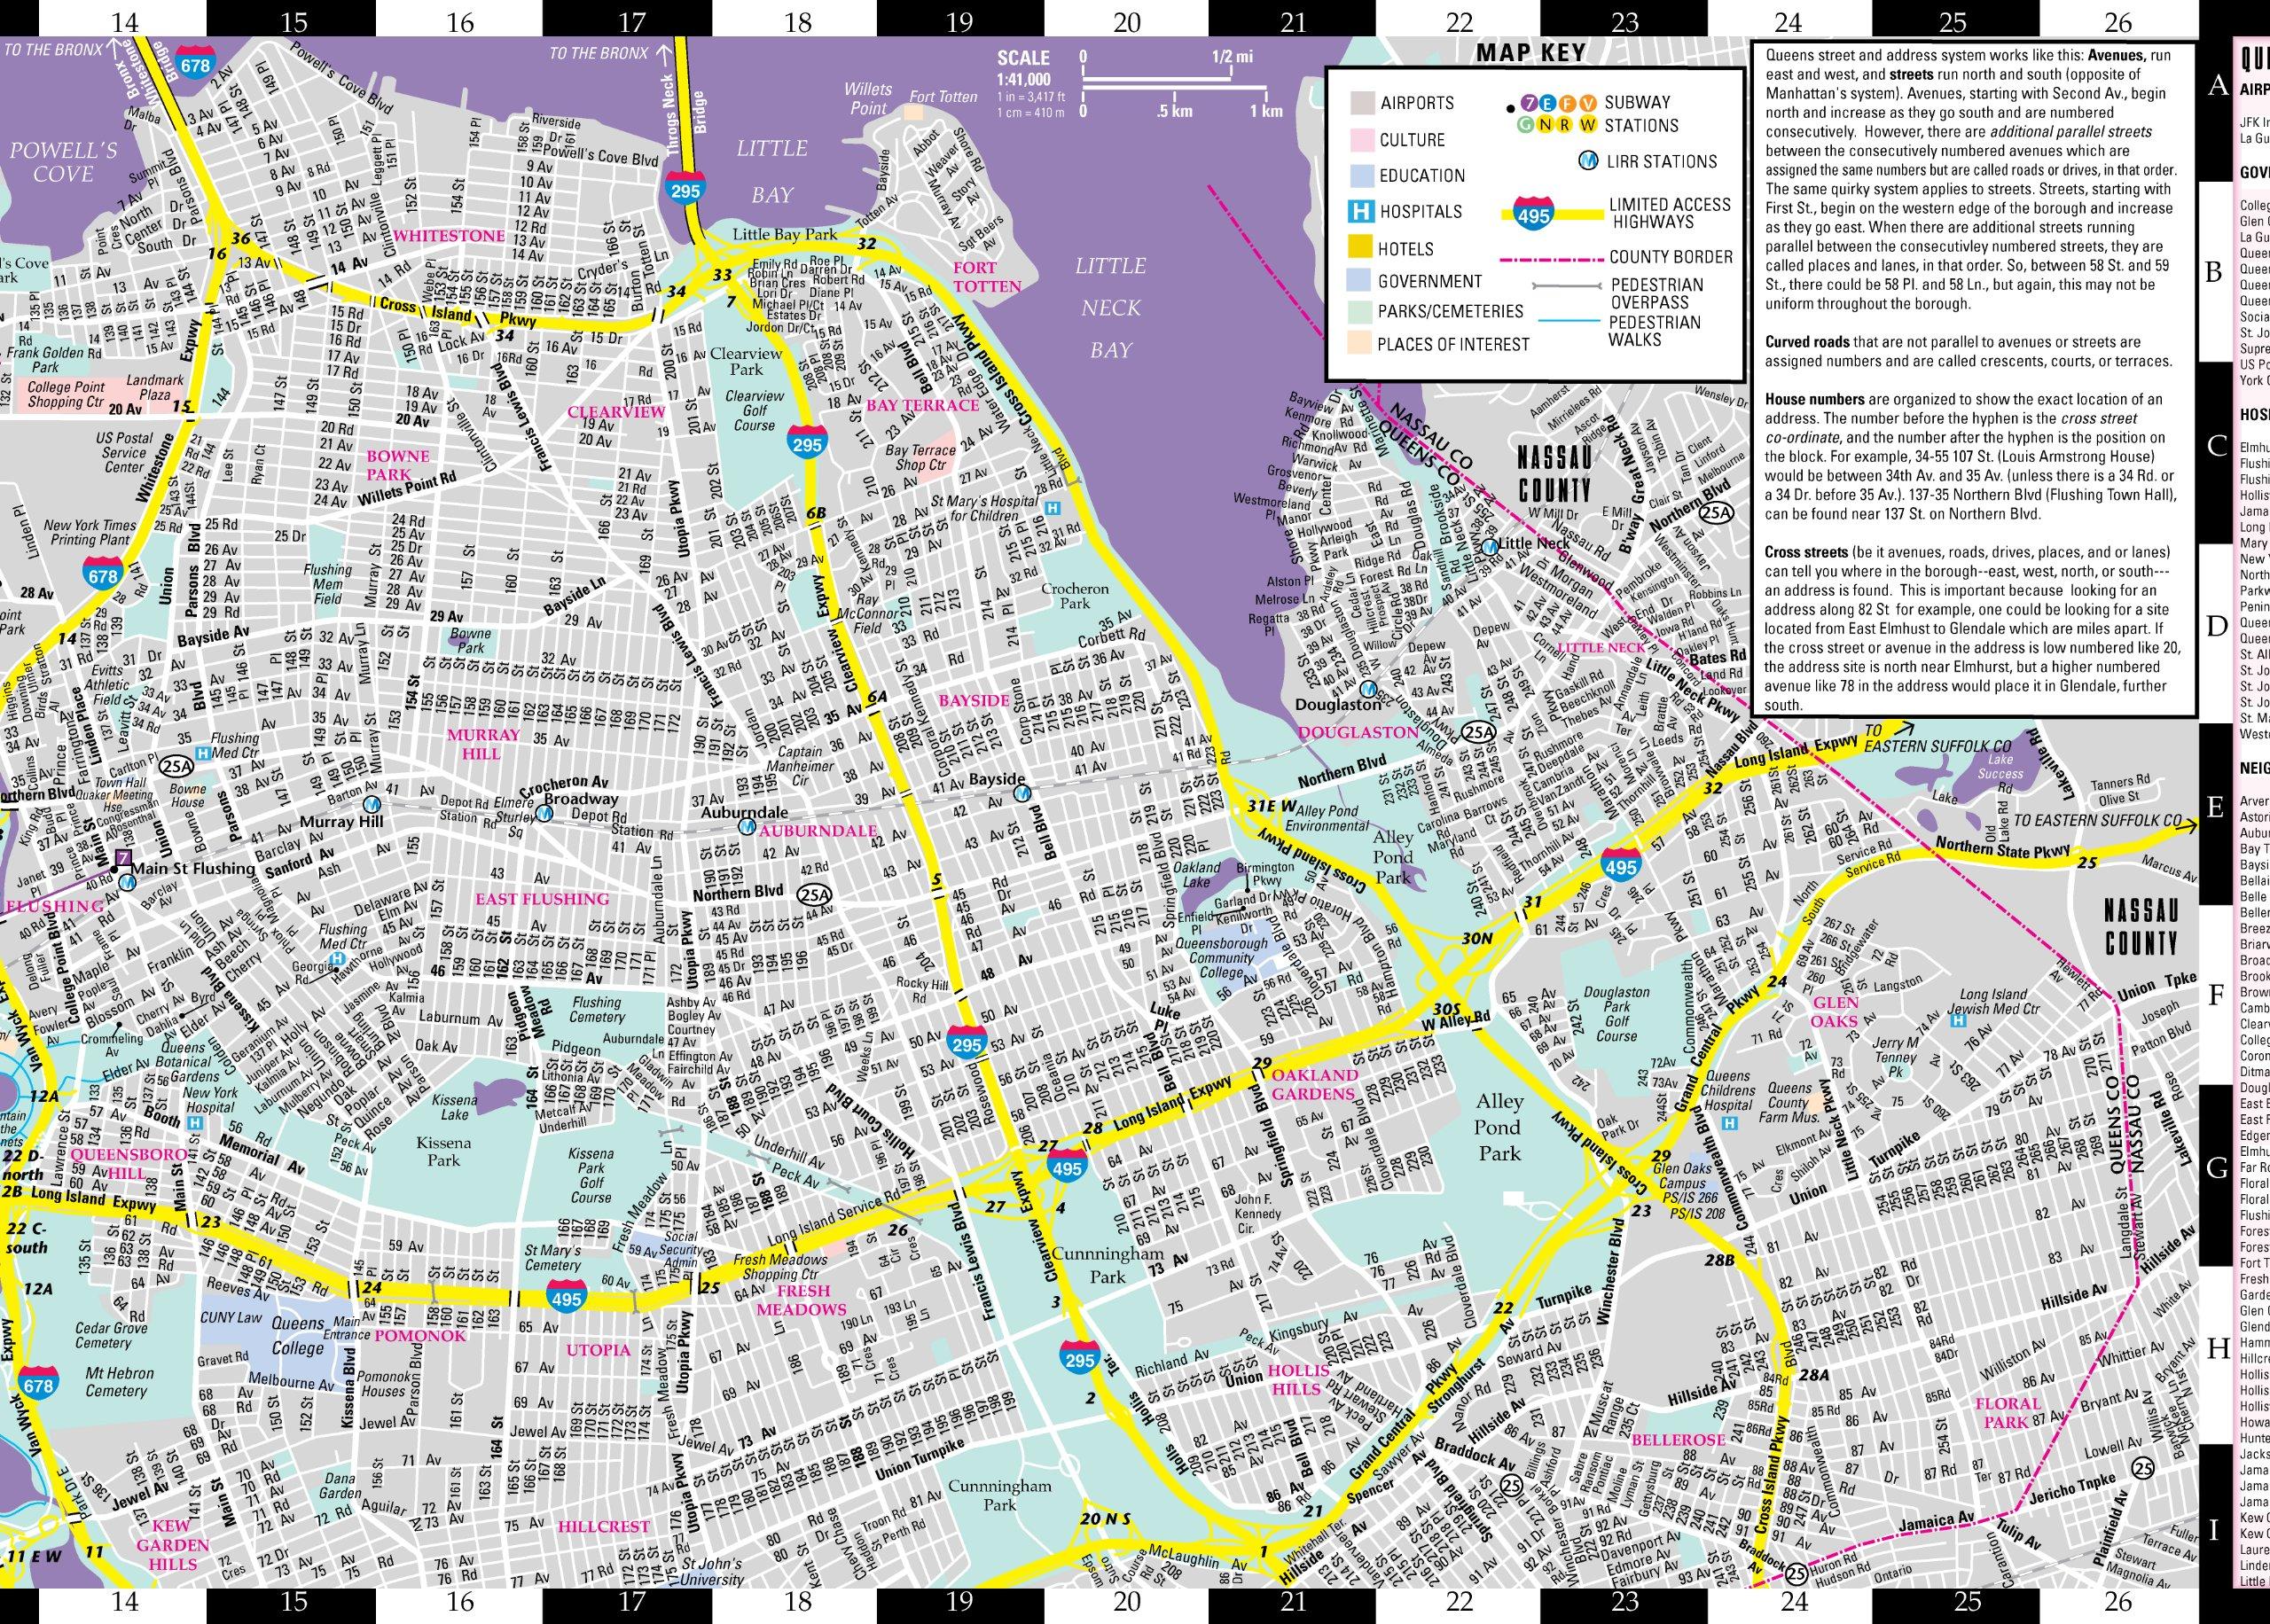 Queensborough Community College Map on